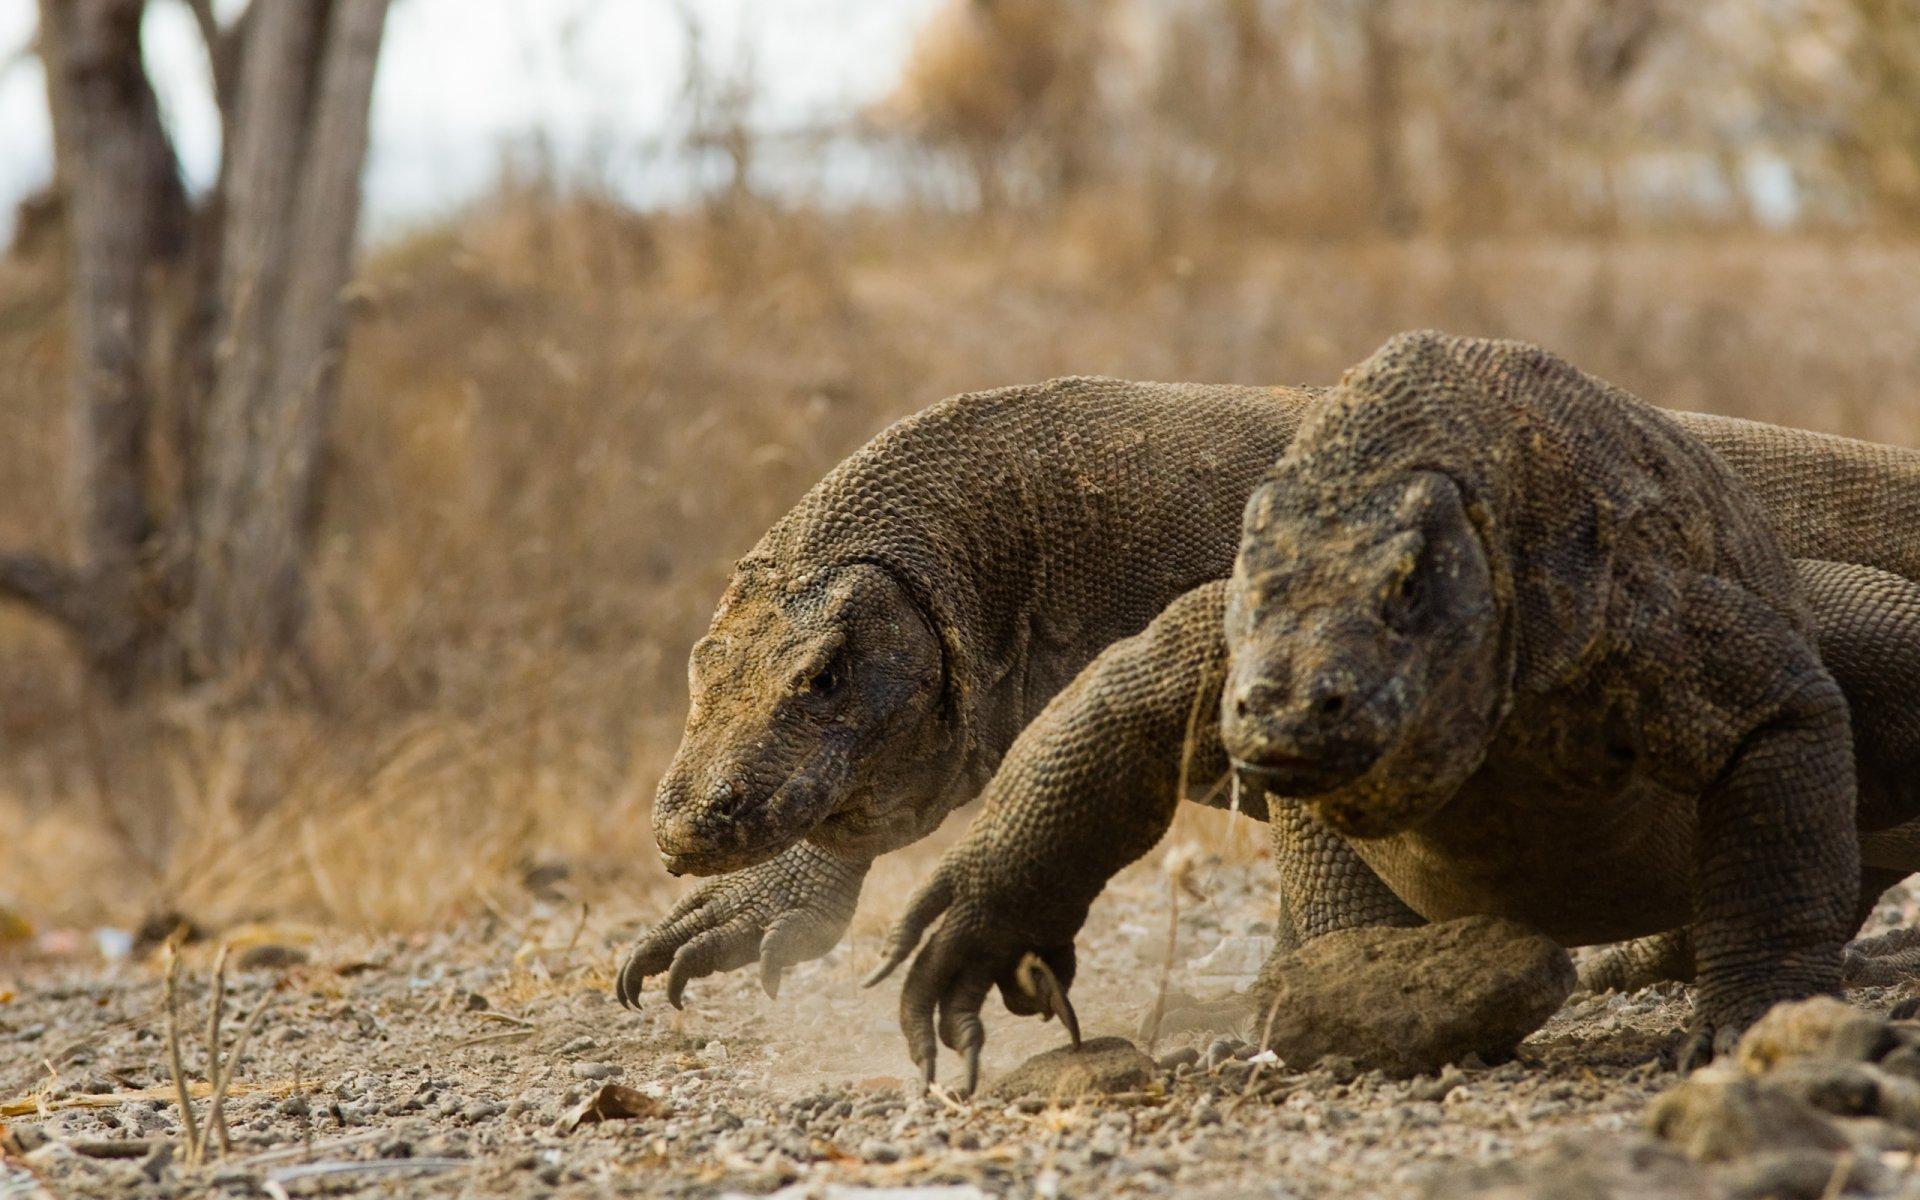 Fotos del Dragón de Komodo, Imágenes HD de un Dragón Real